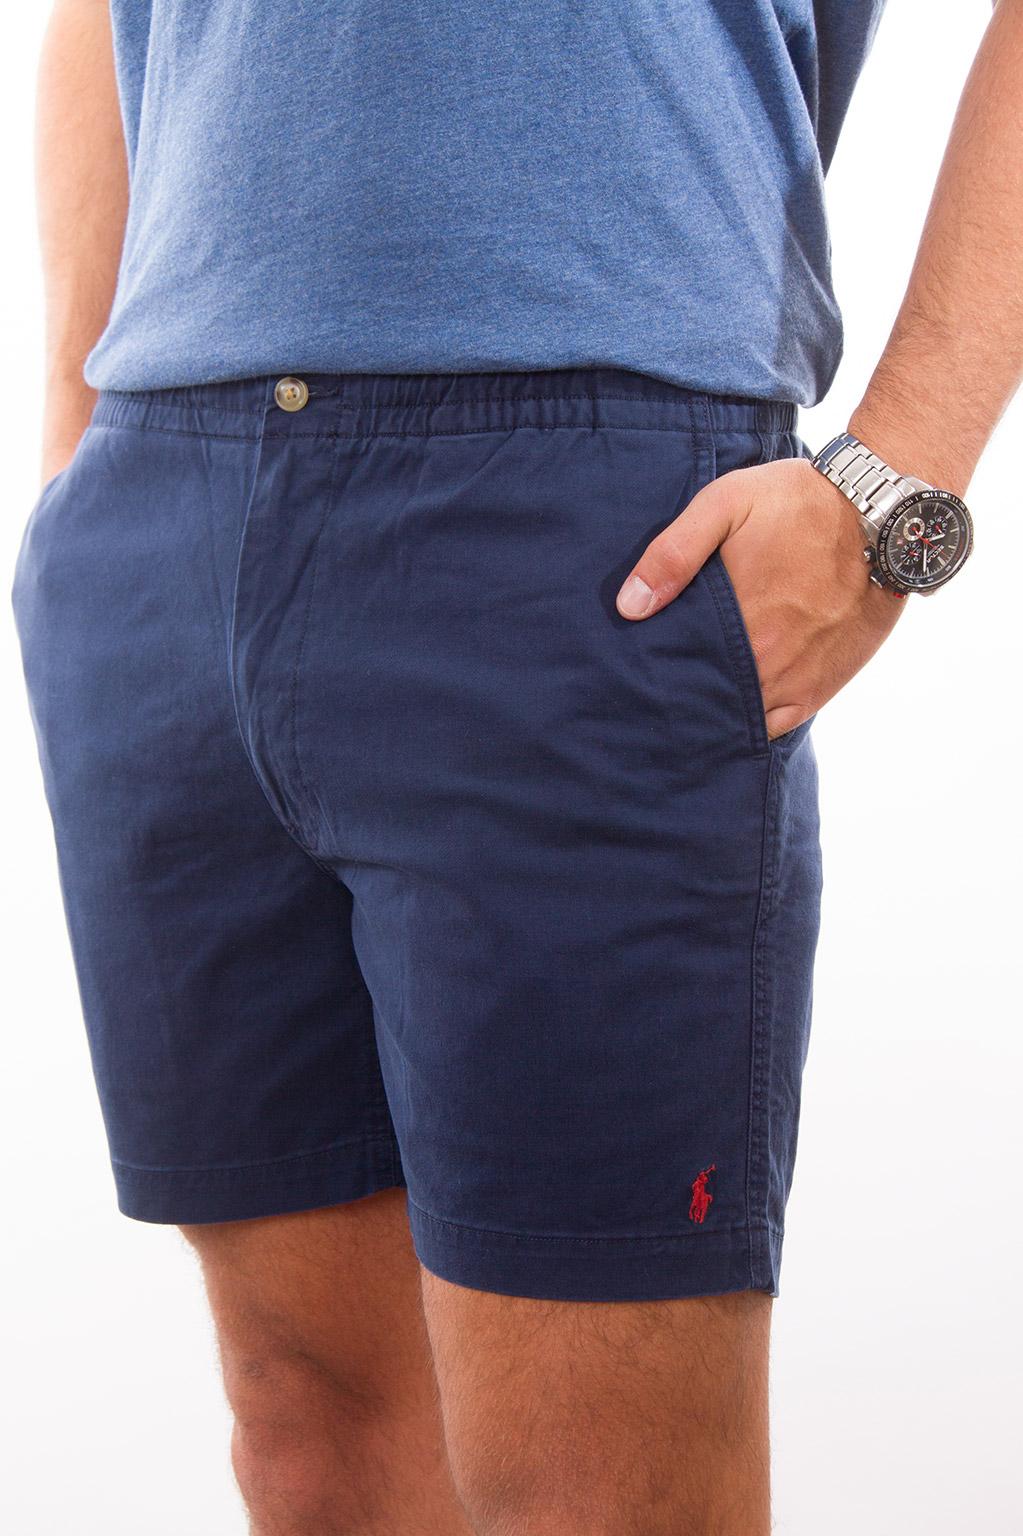 מכנסיים קצרים לגבר POLO RALPH LAUREN - כחול